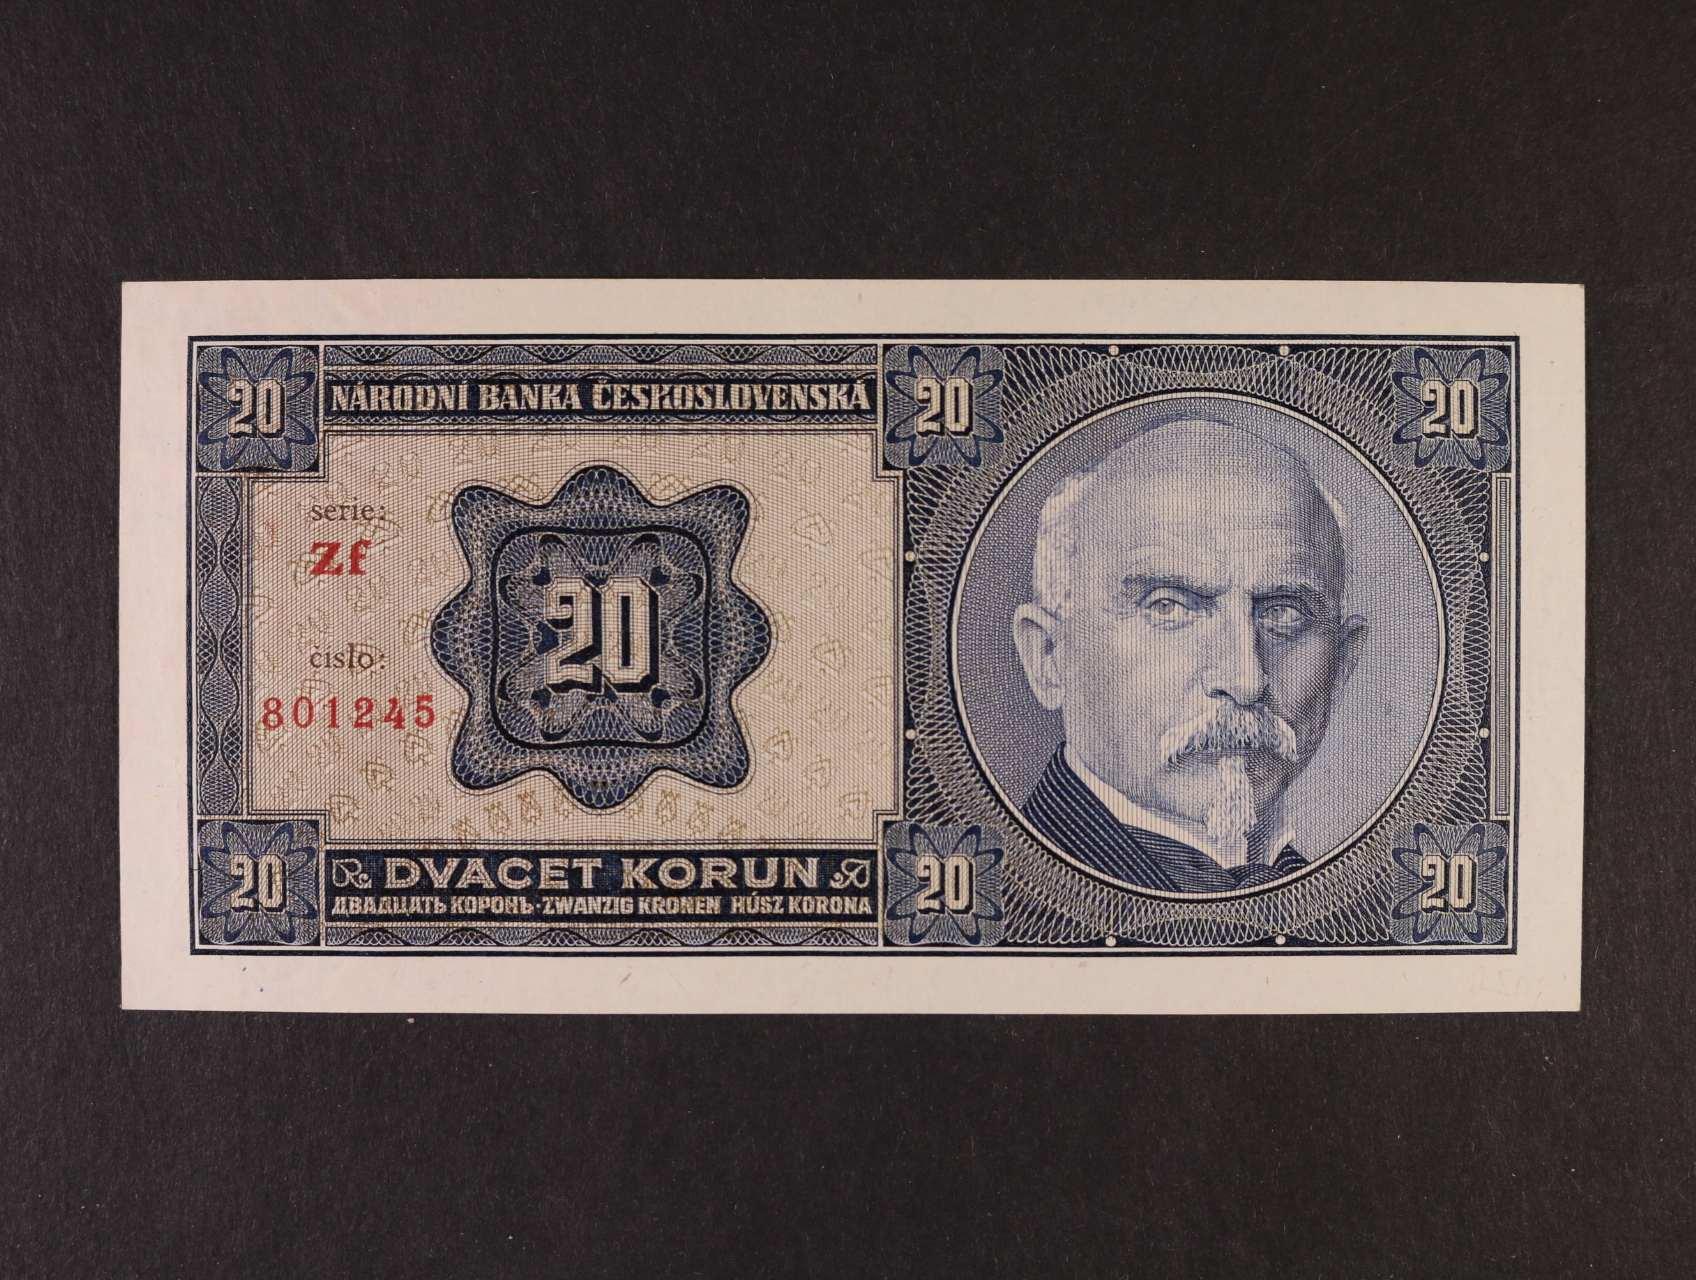 20 Kč 1.10.1926 série Zf, Ba. 21b2, Pi. 21a